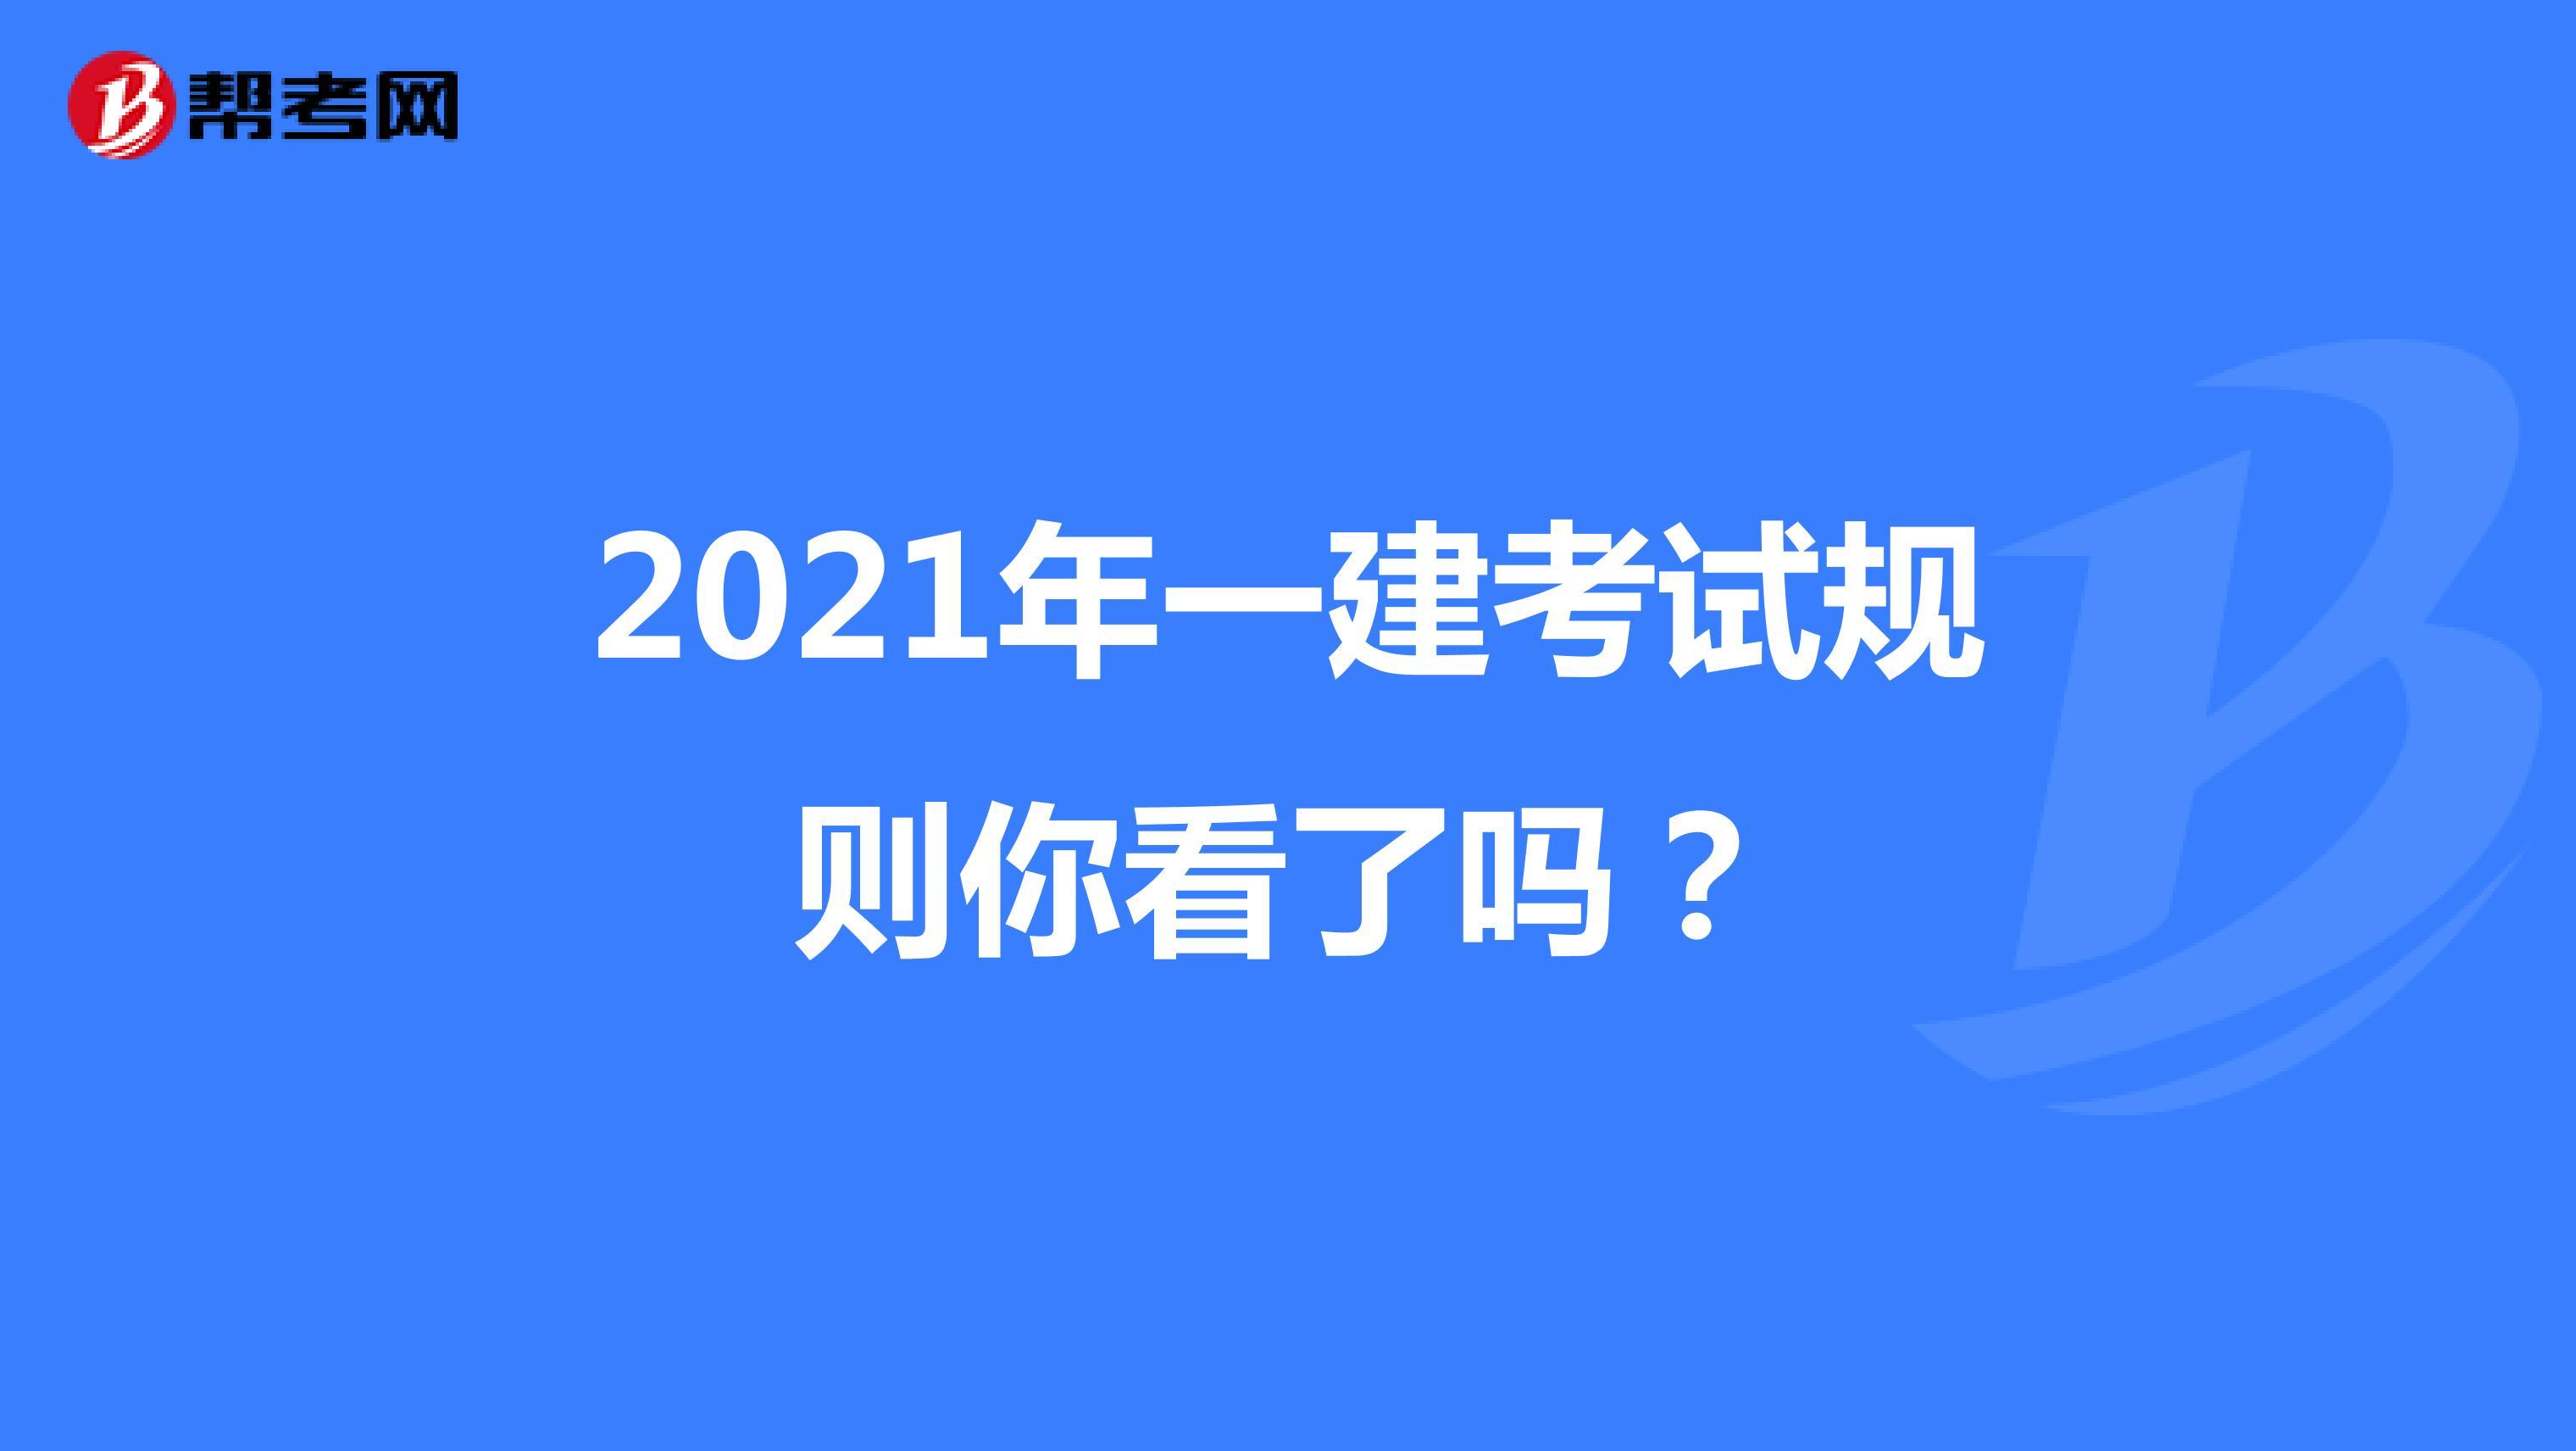 2021年一建考试规则你看了吗?